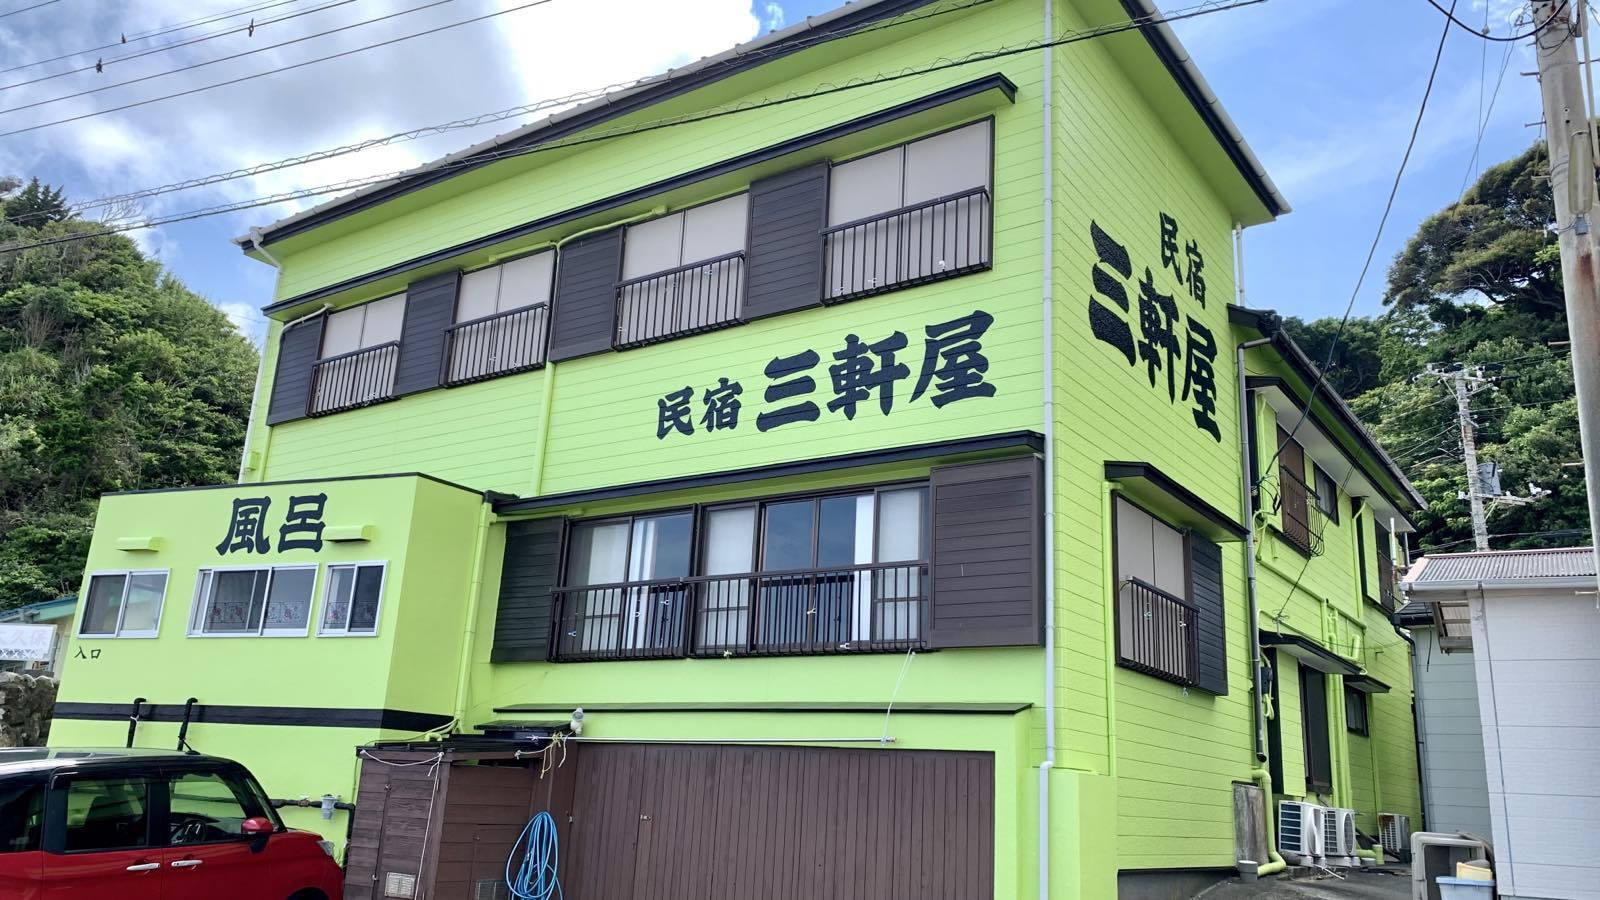 伊豆下田 民宿 三軒屋の施設画像